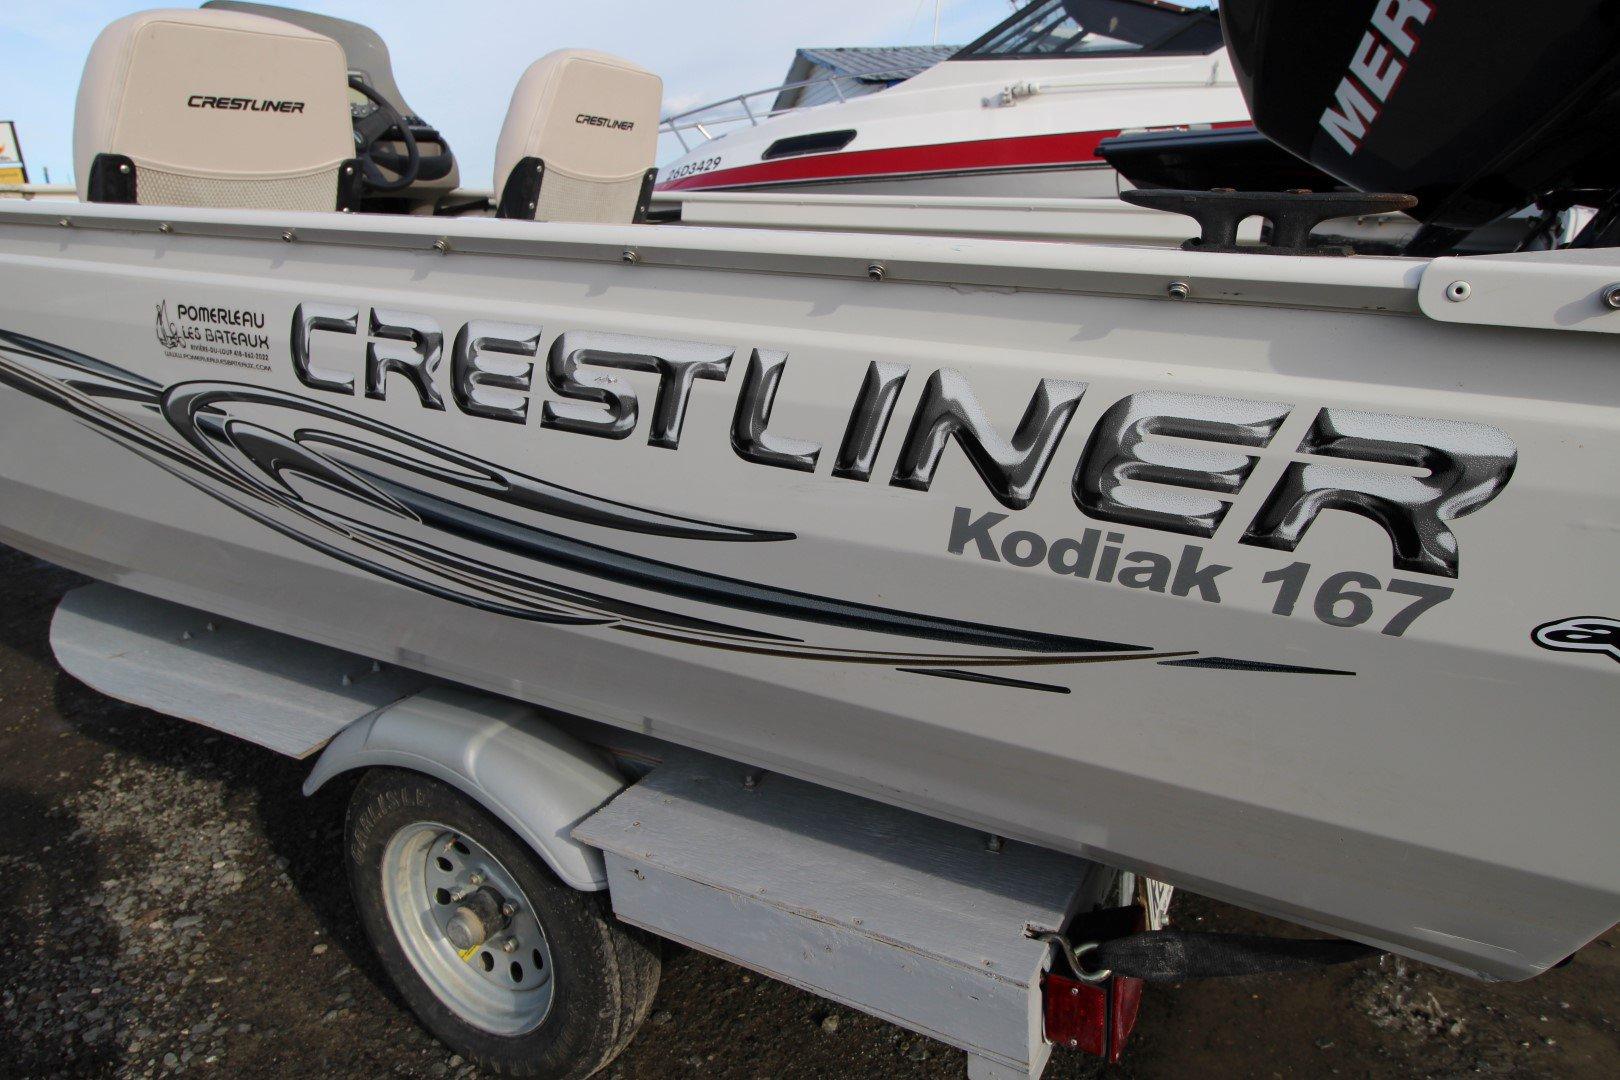 Crestliner Kodiak 167 - IMG_2637